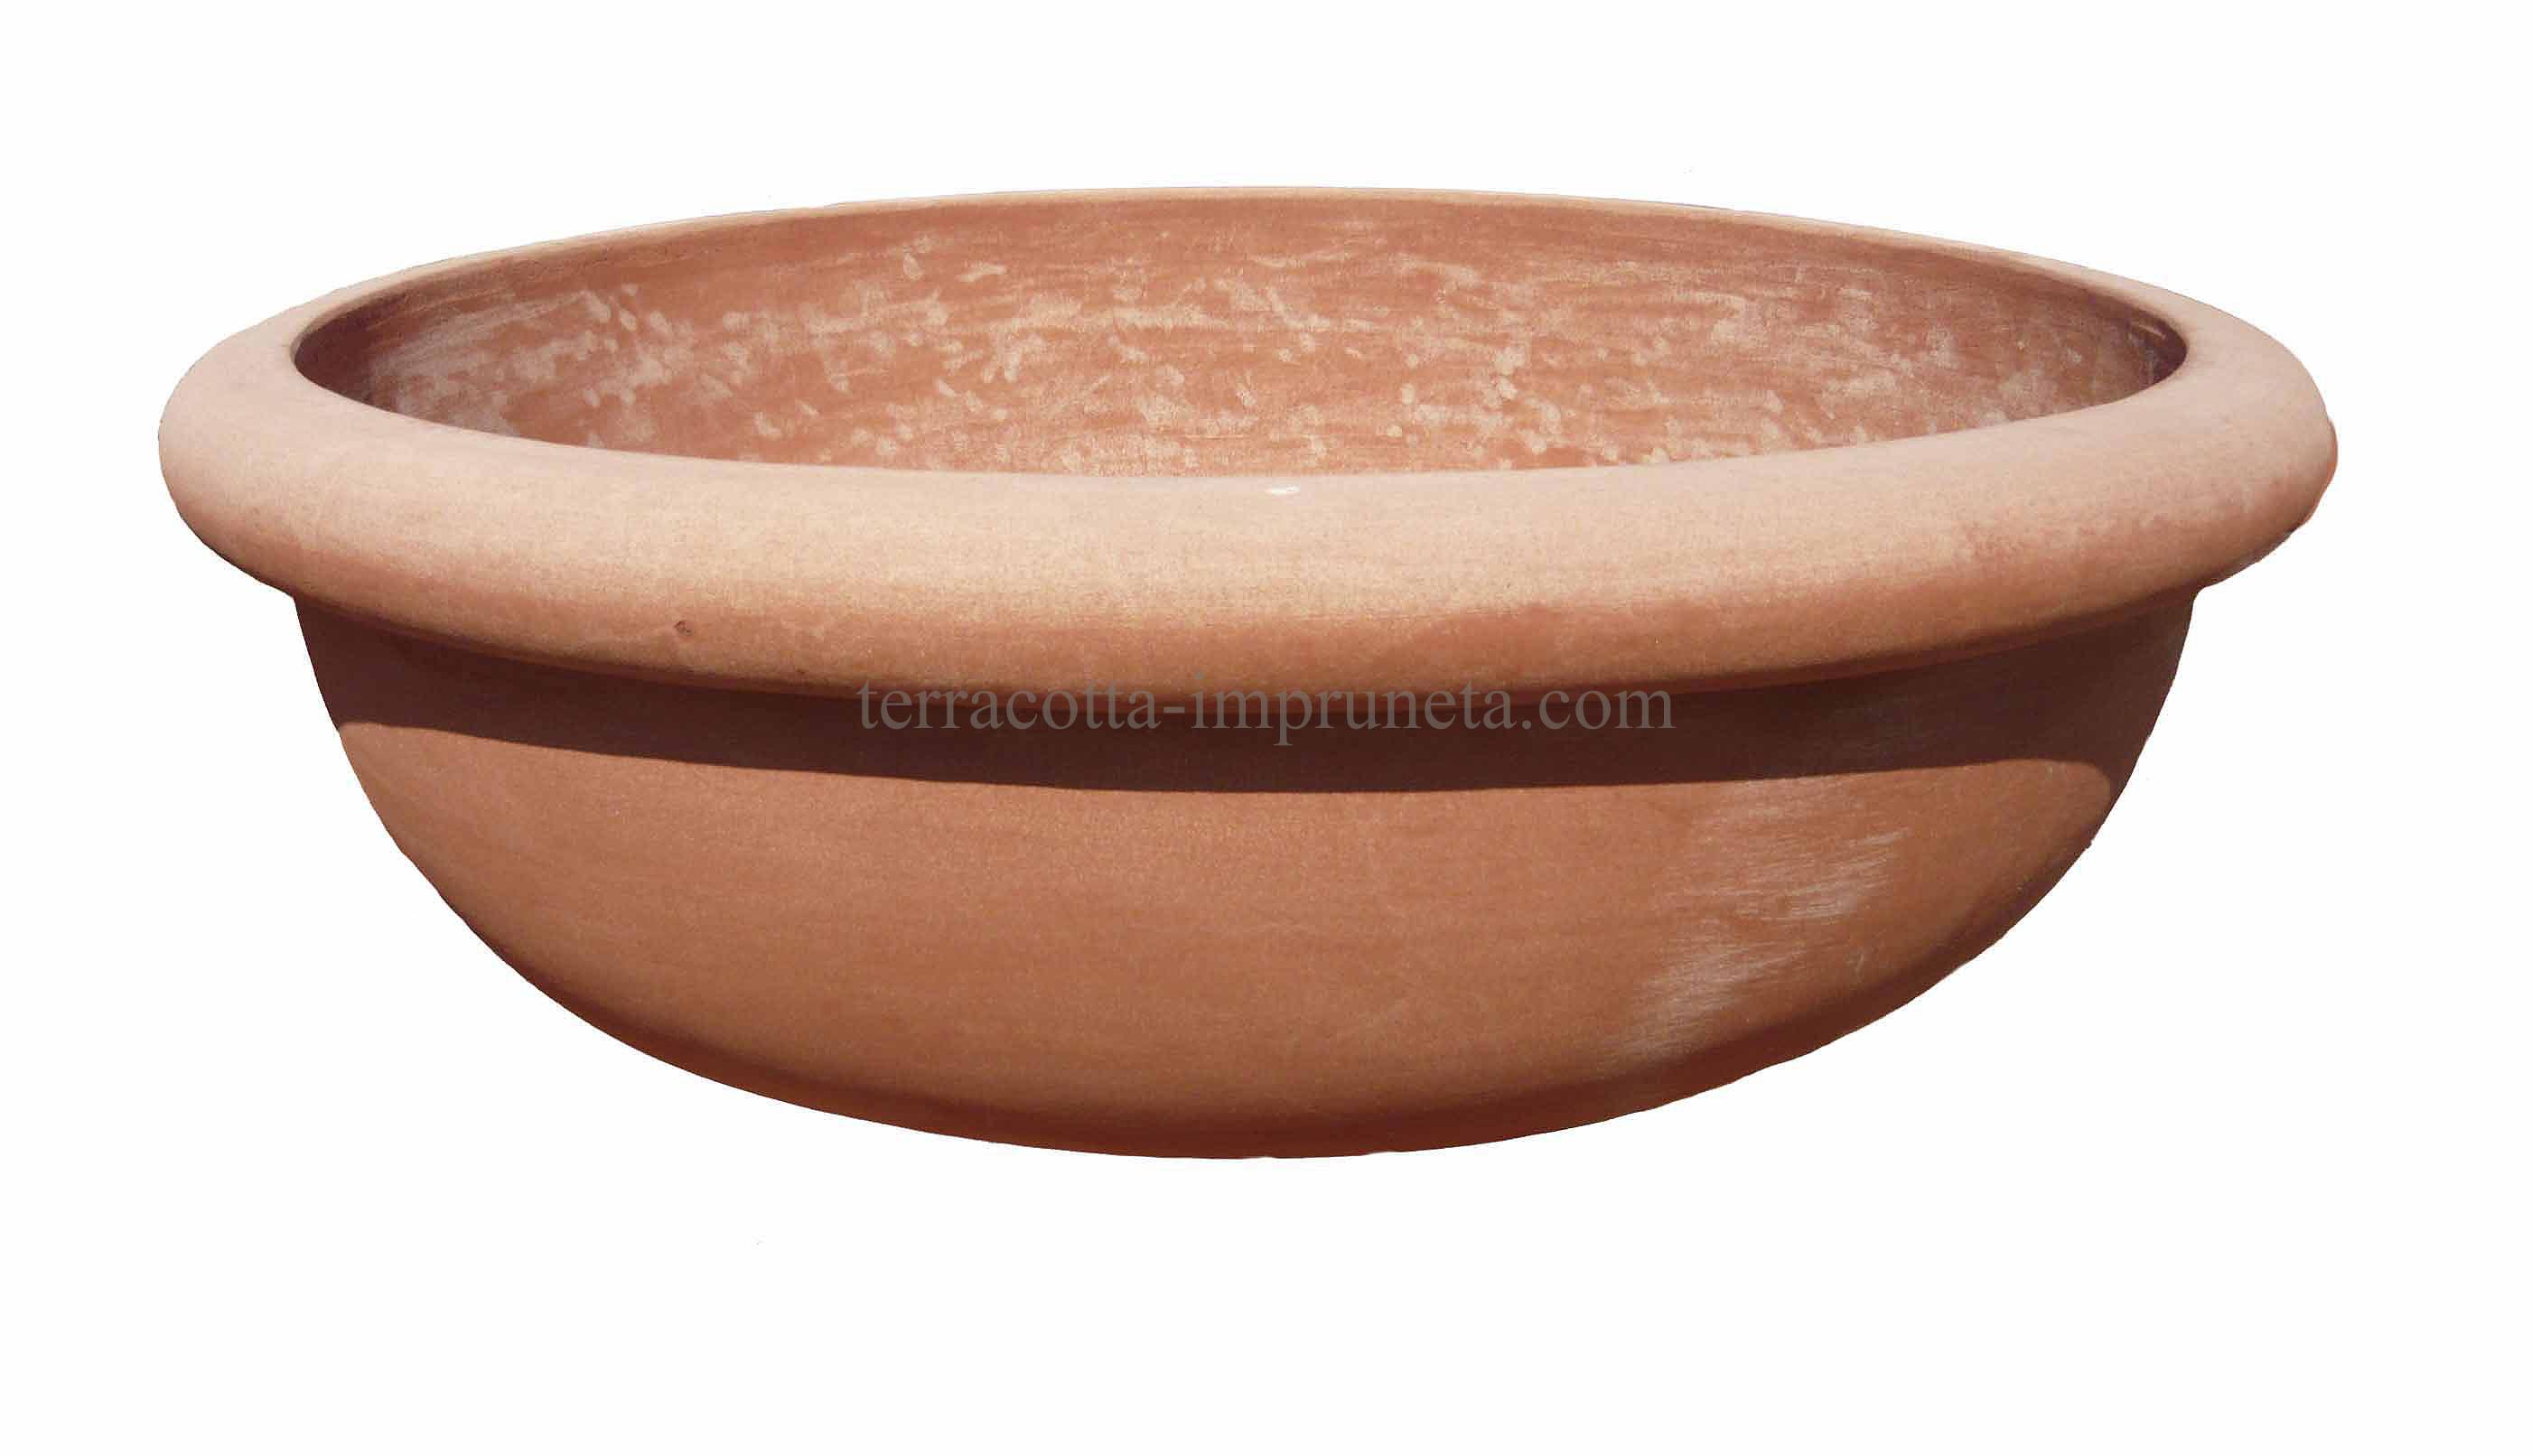 Terracotta Topf Rechteckig : term hlen terracotta impruneta einfache terracotta schale ~ Whattoseeinmadrid.com Haus und Dekorationen